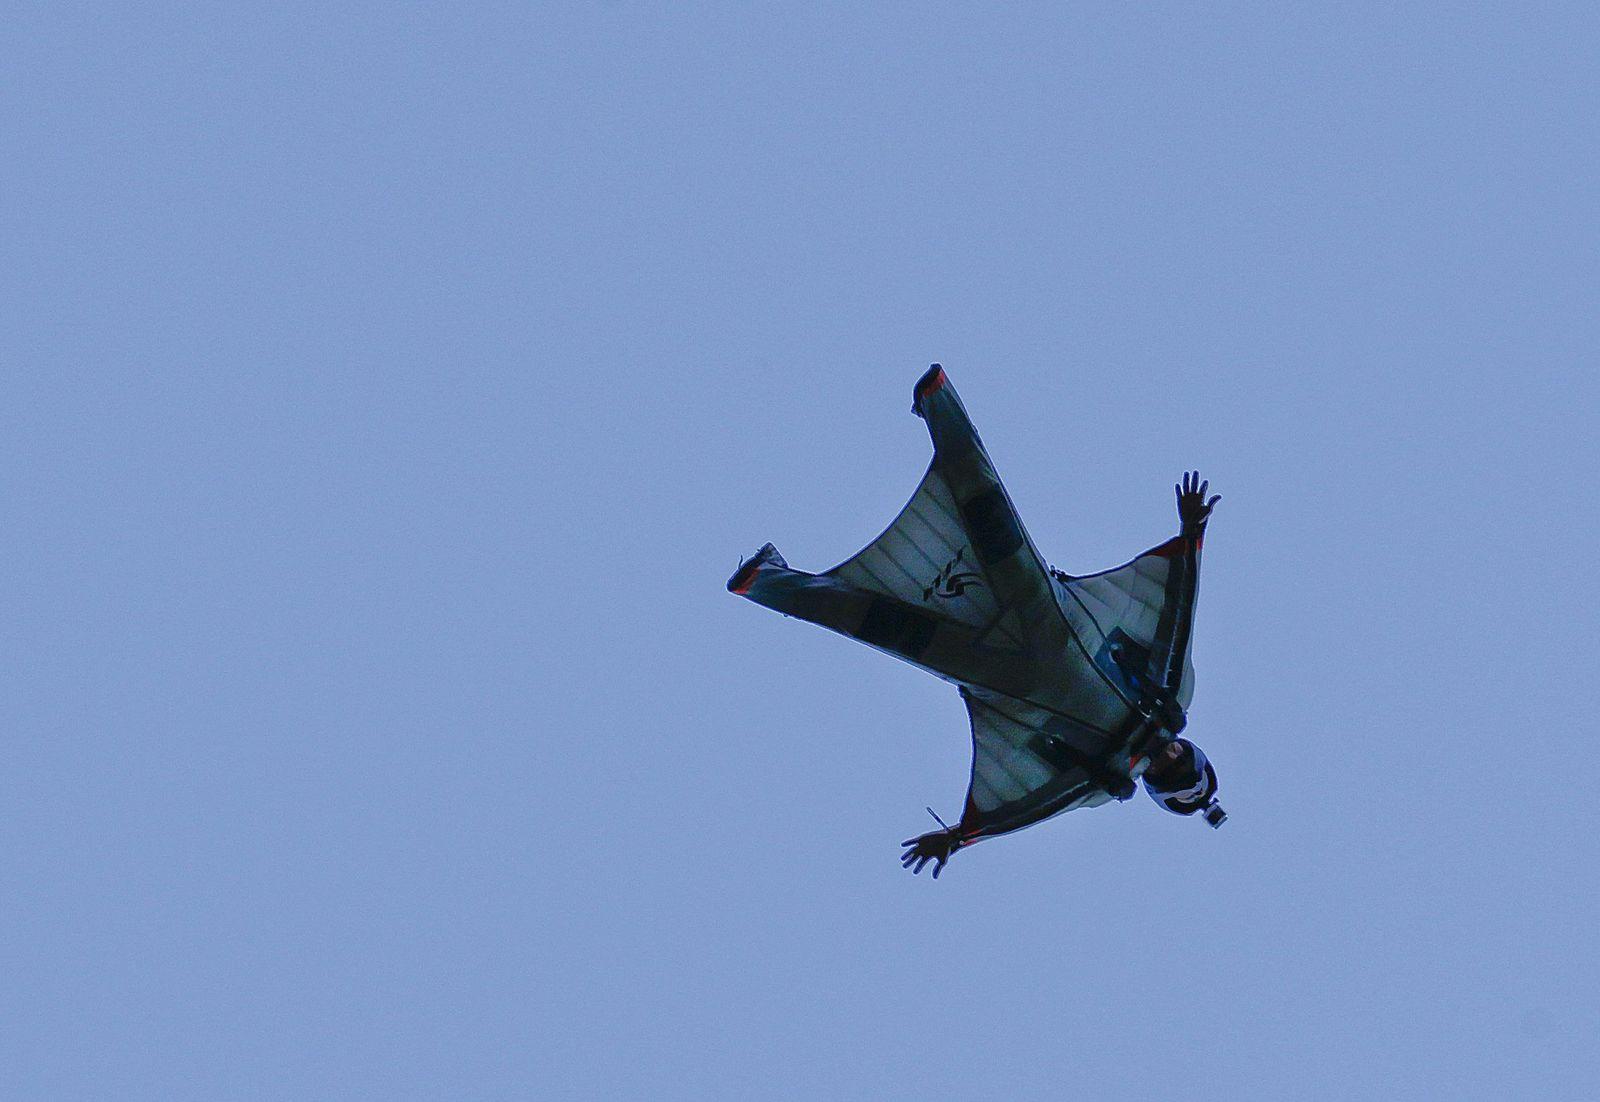 Basejumper/ Wingsuit